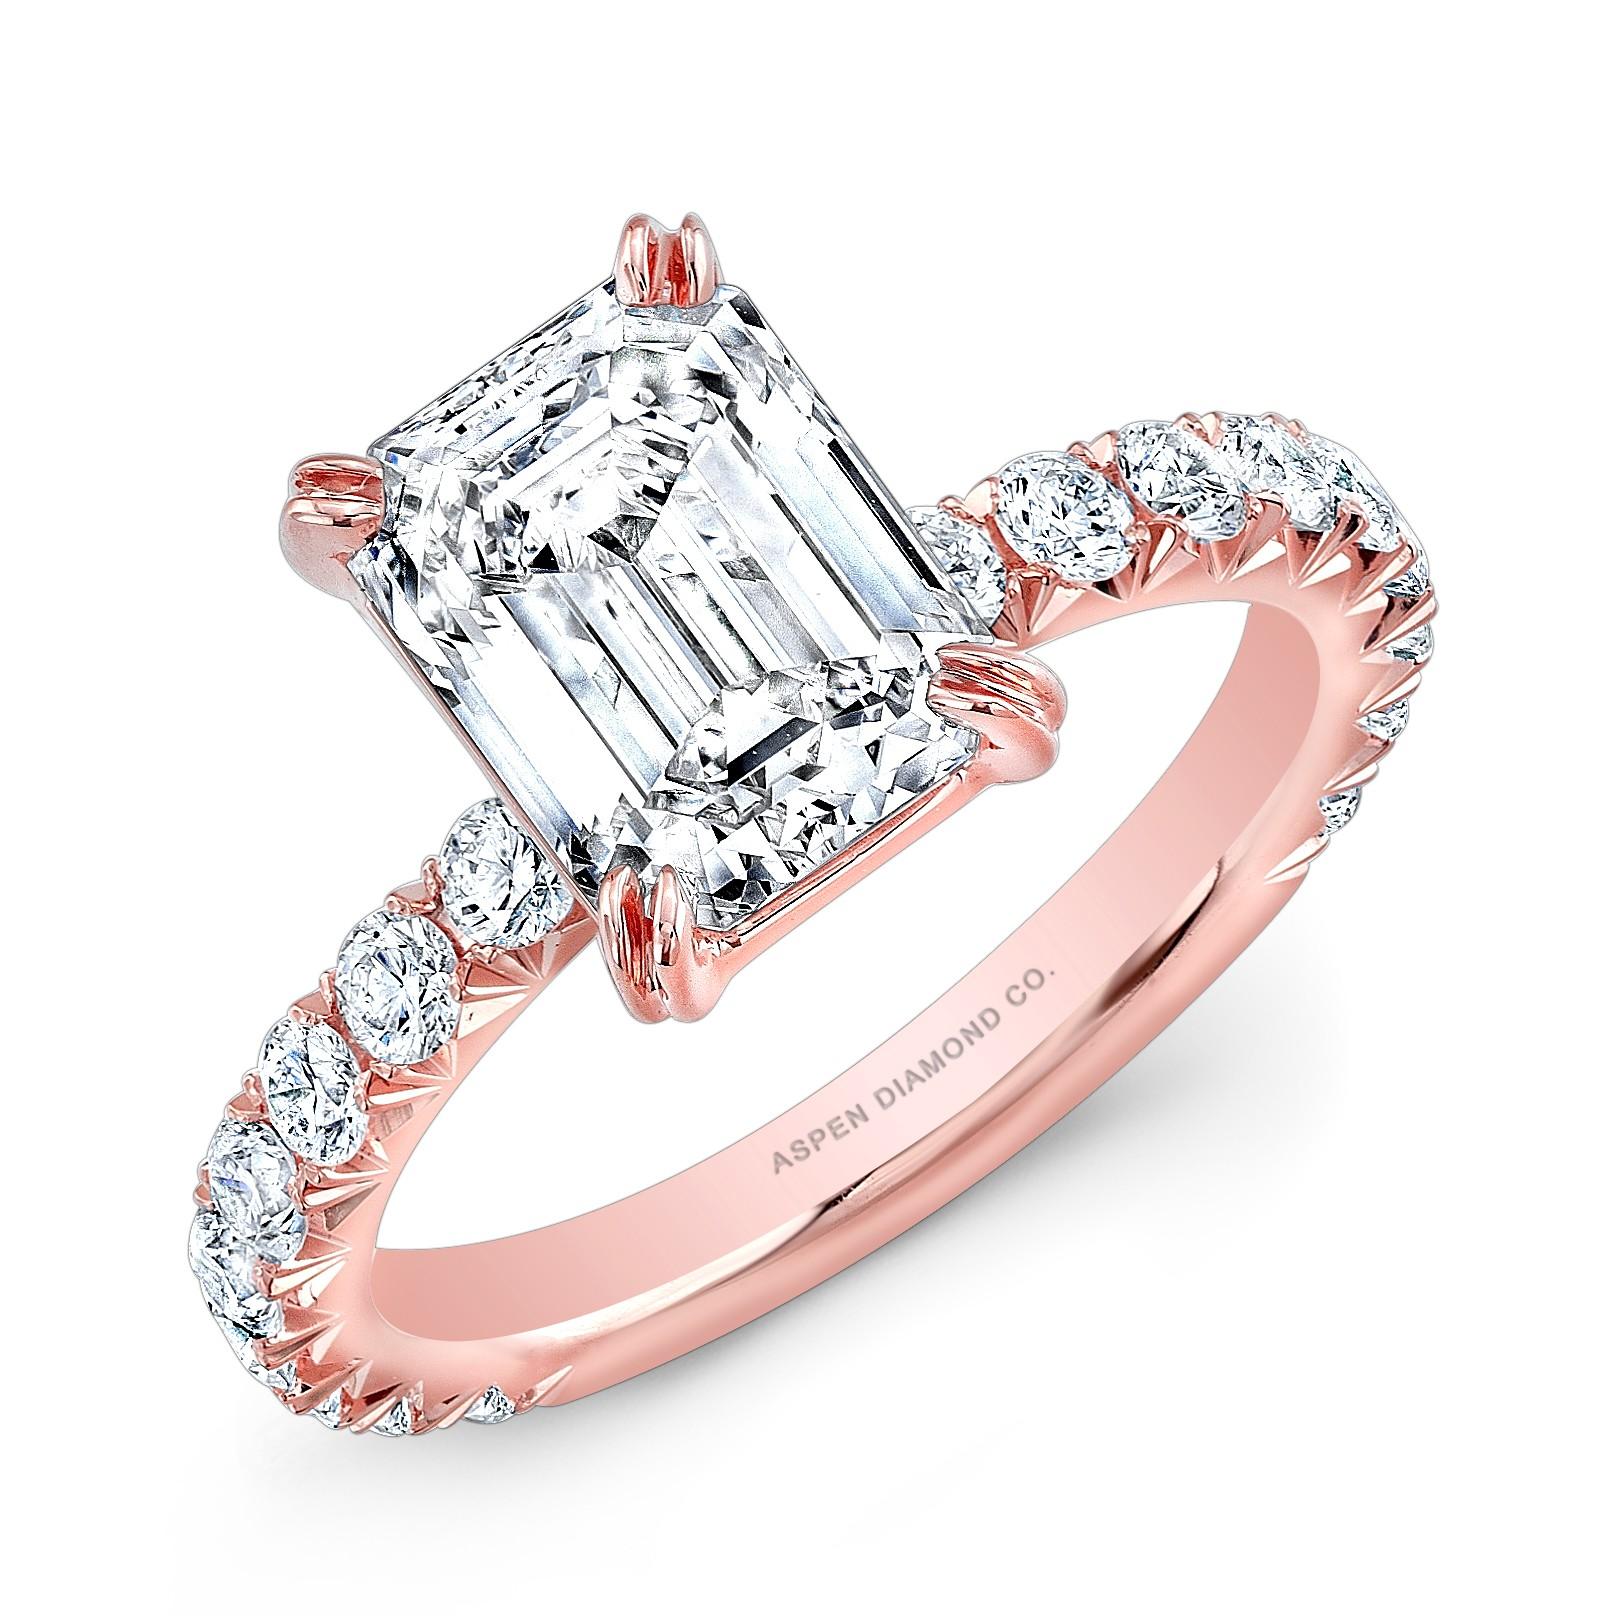 Emerald-Cut Diamond Ring in 18K Rose Gold